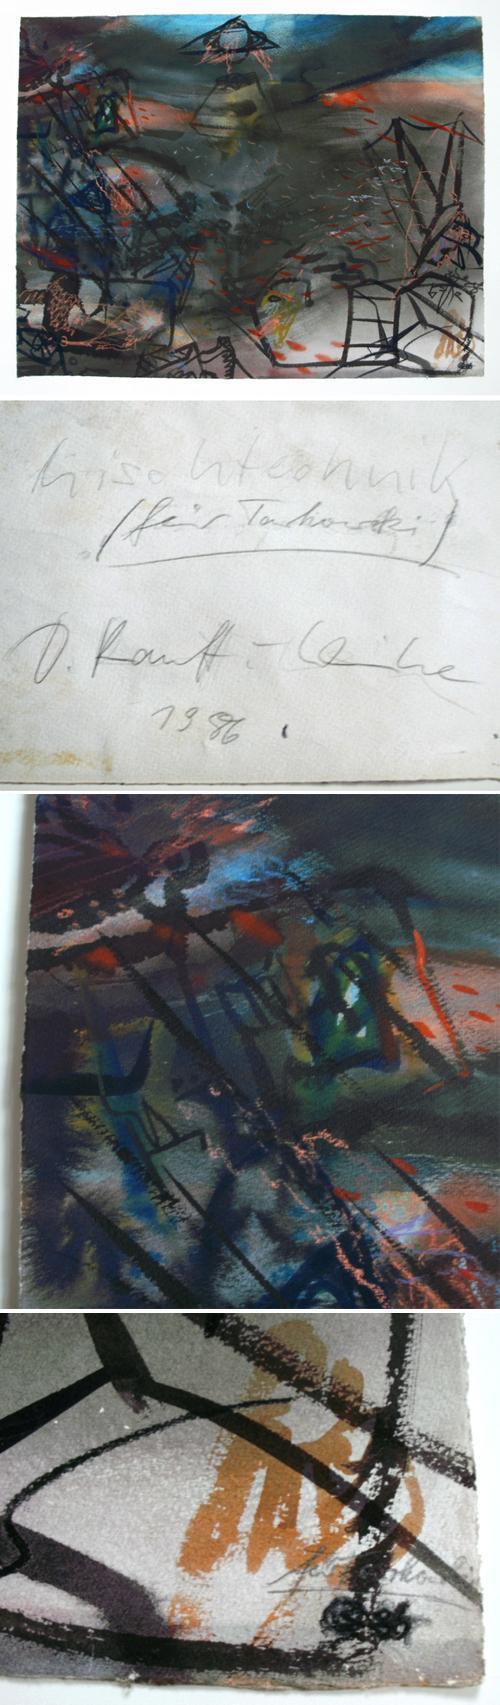 Dagmar Ranft-Schinke - Mischtechnik, 1986. kopen? Bied vanaf 400!